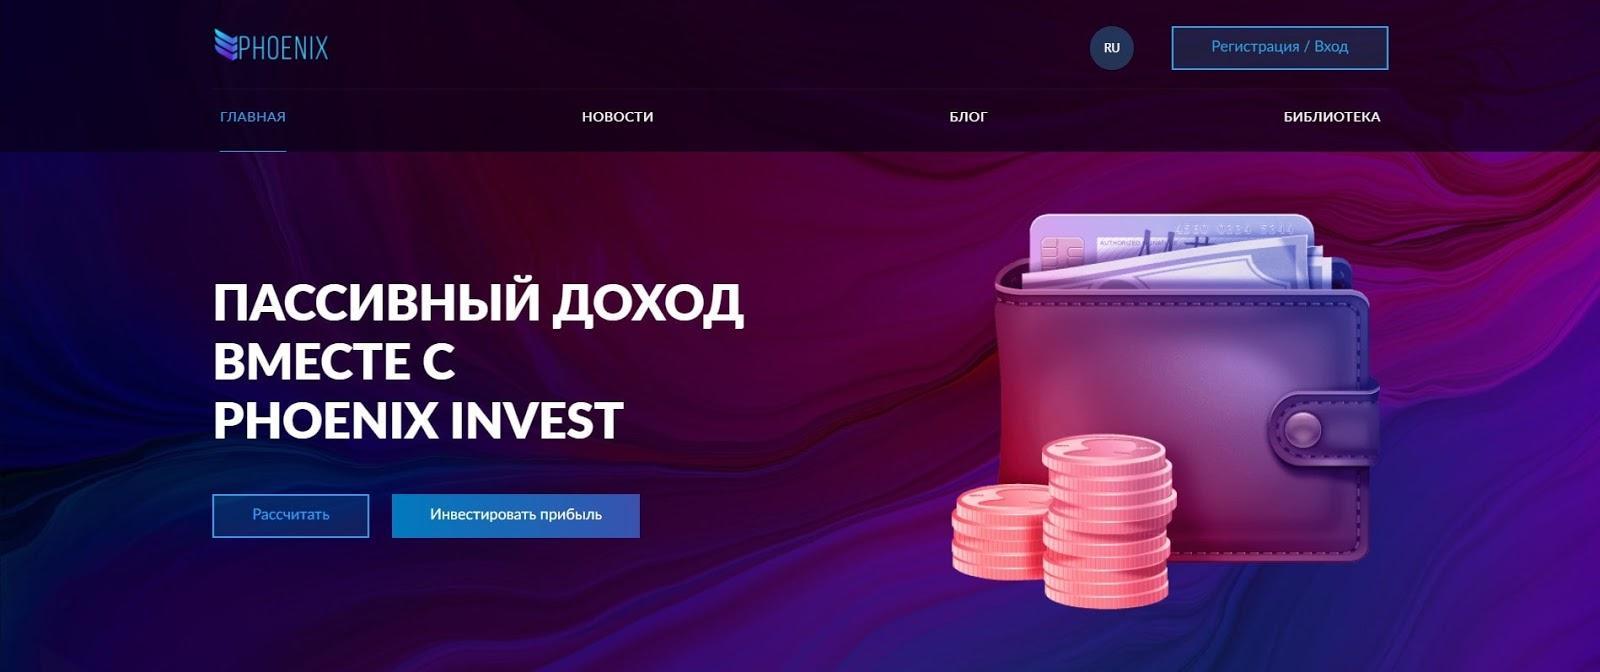 Отзывы о Phoenix Invest: можно ли сотрудничать с инвесткомпанией? реальные отзывы